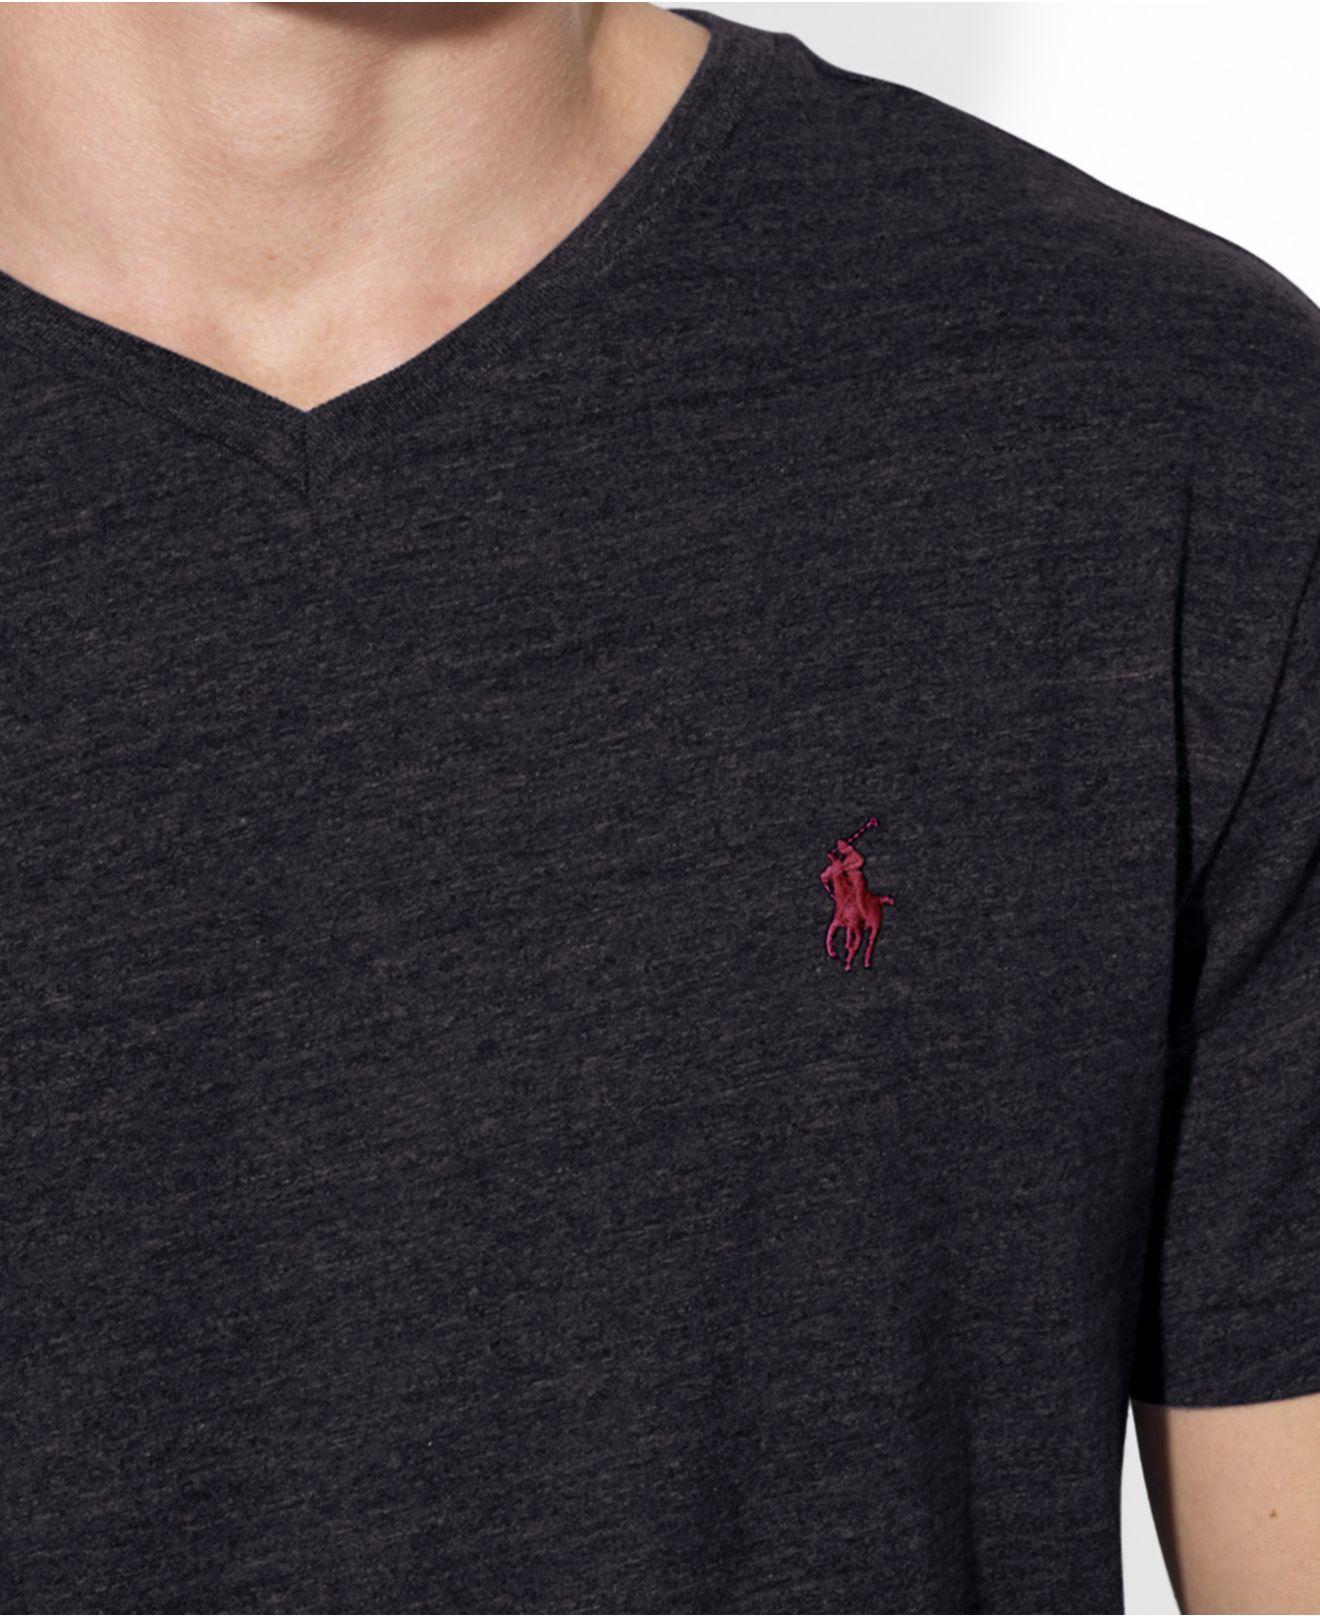 Lyst polo ralph lauren jersey v neck t shirt in black for Ralph lauren polo jersey shirt